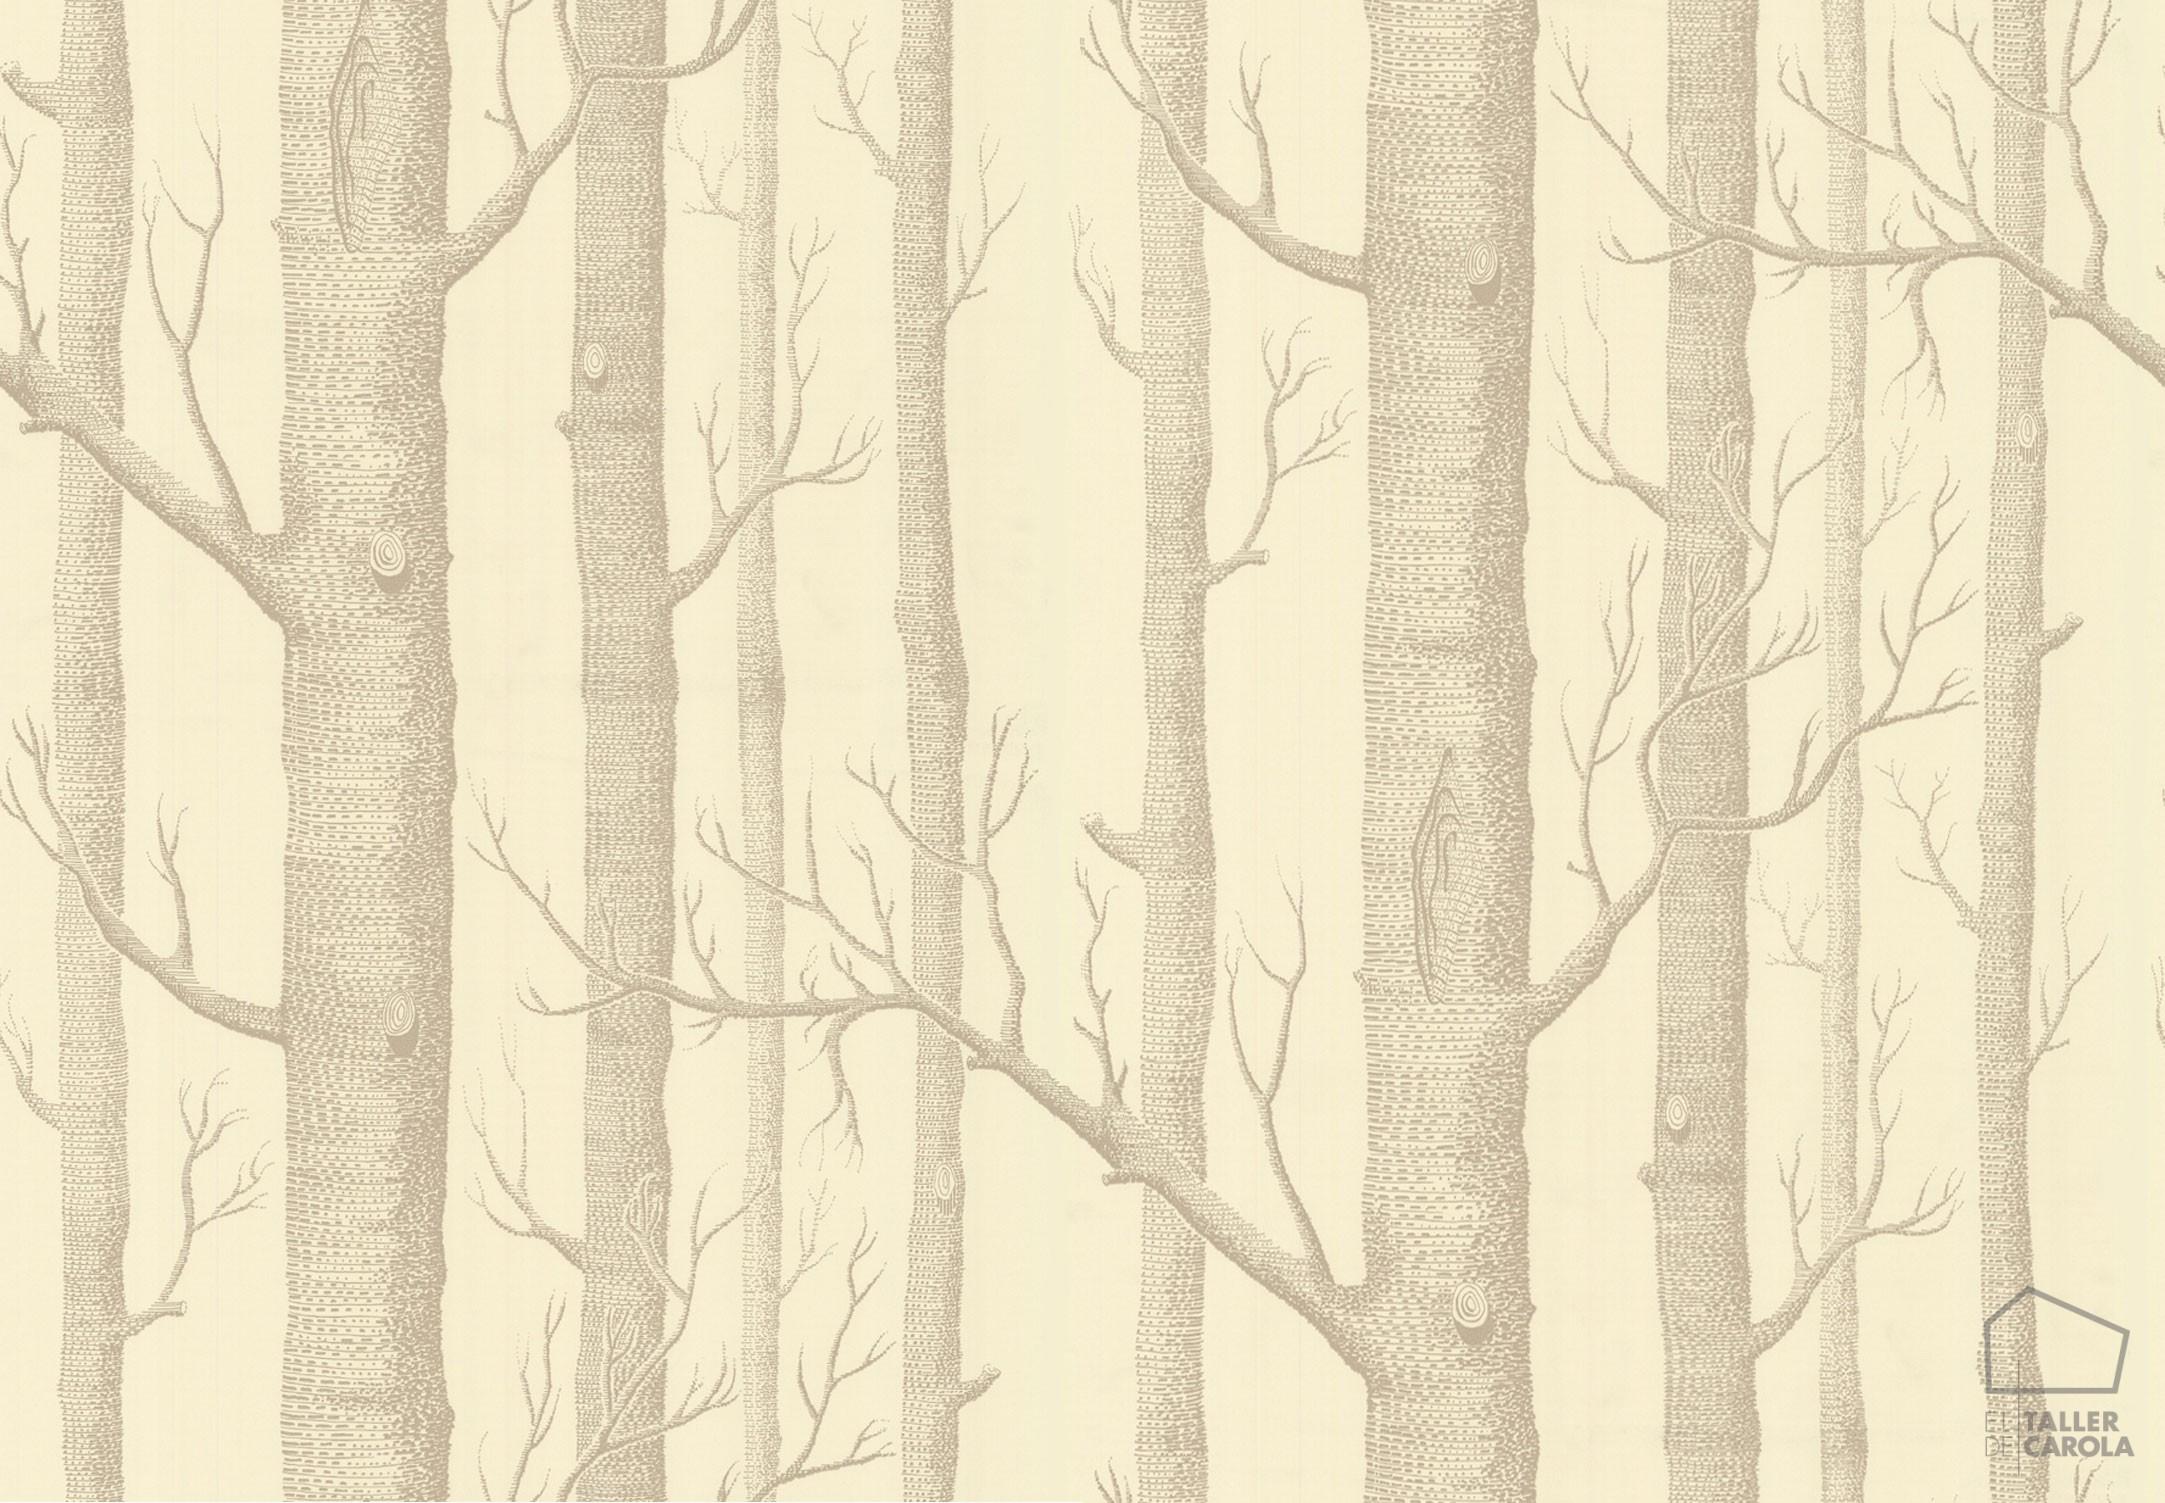 papel-pintado-arboles-bosque-crema083icowoo112-3011